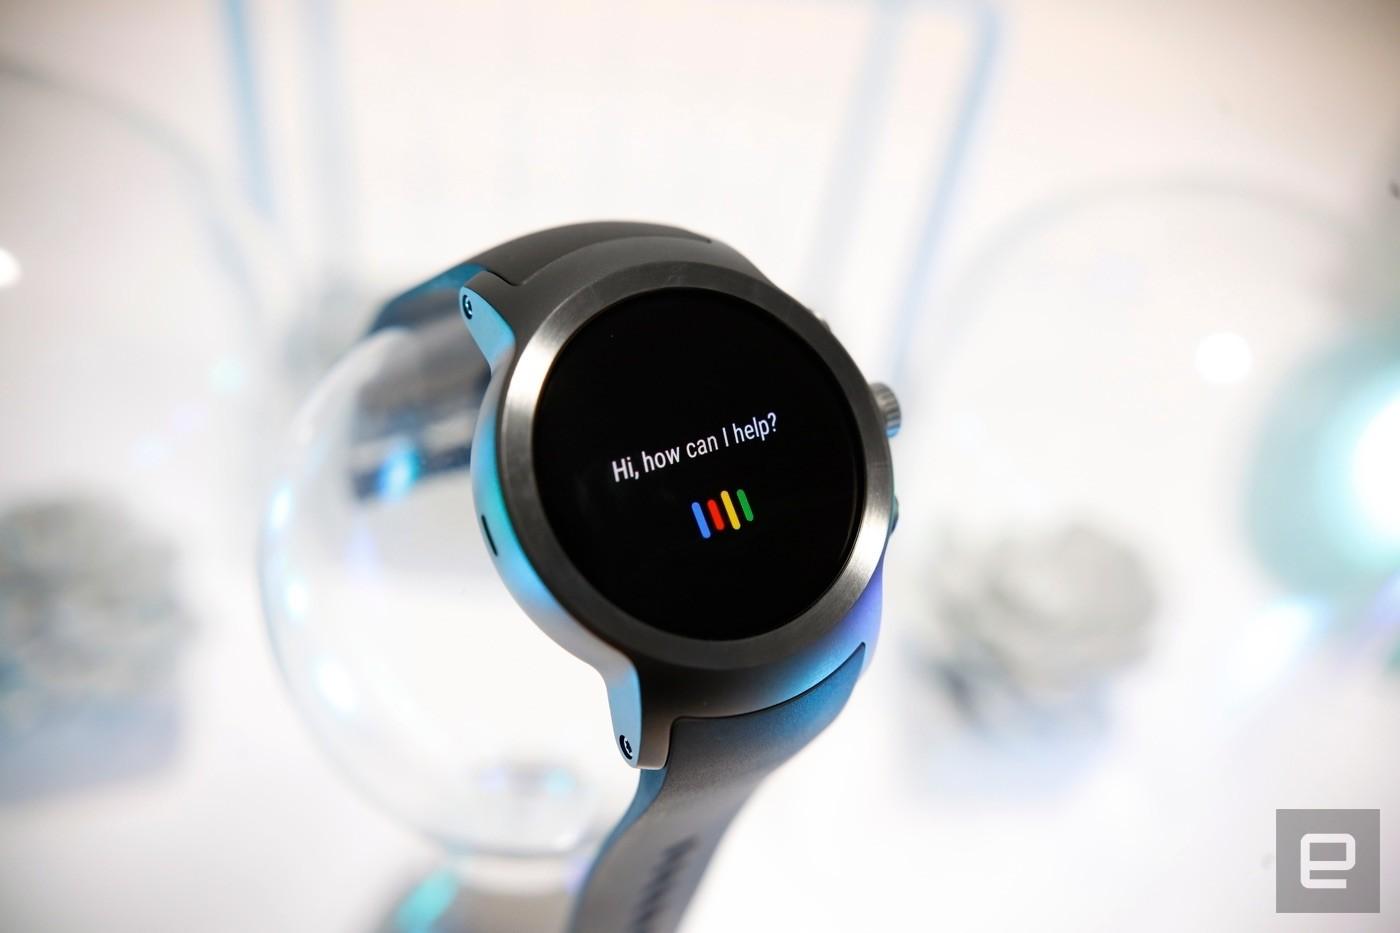 Android Wear更新出错 谷歌助手及备忘录功能受影响